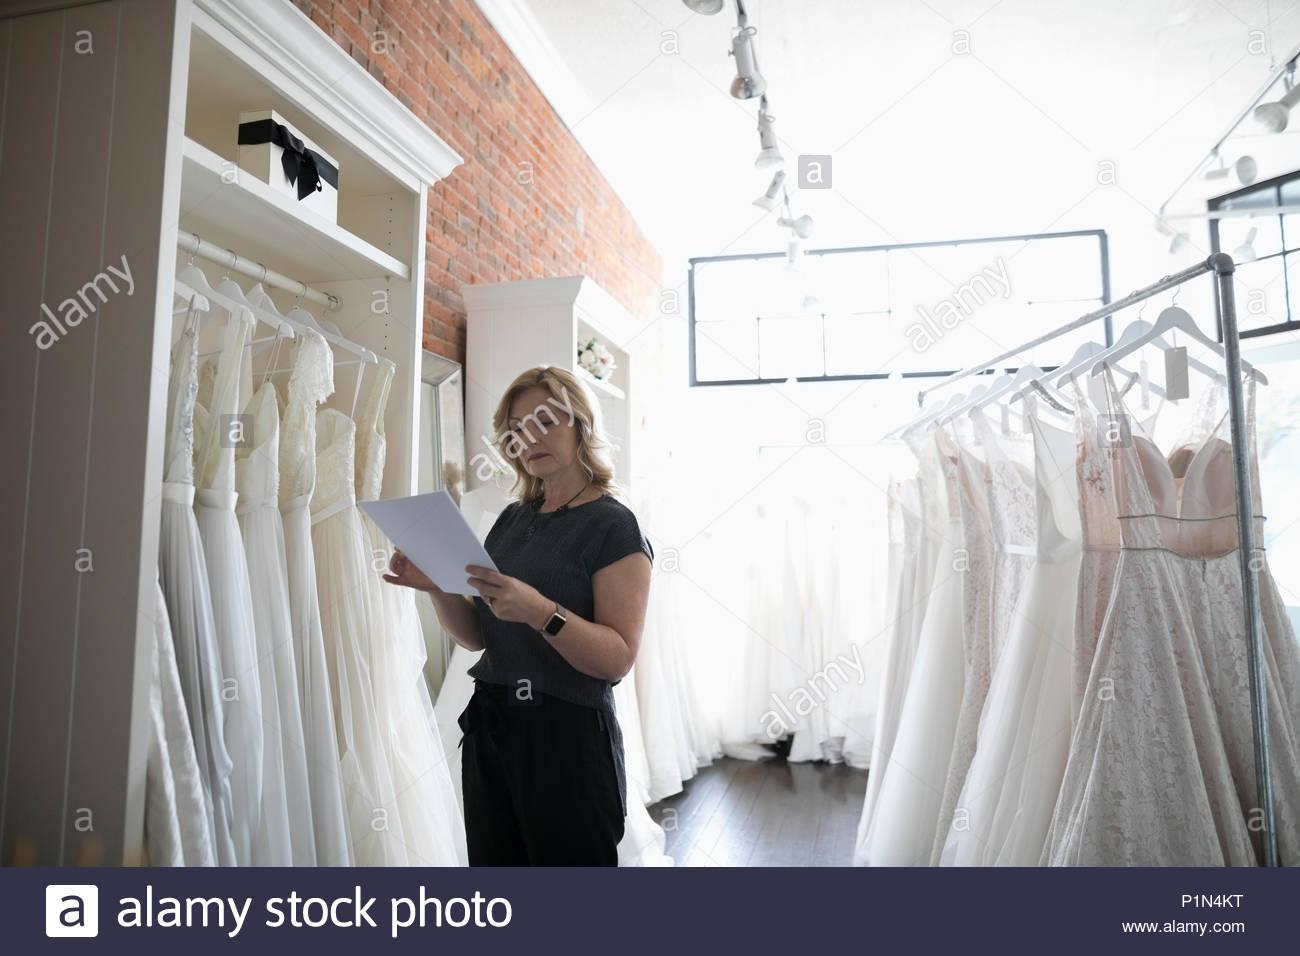 Propriétaire de boutique de la mariée robe de mariage contrôle de l'inventaire Photo Stock